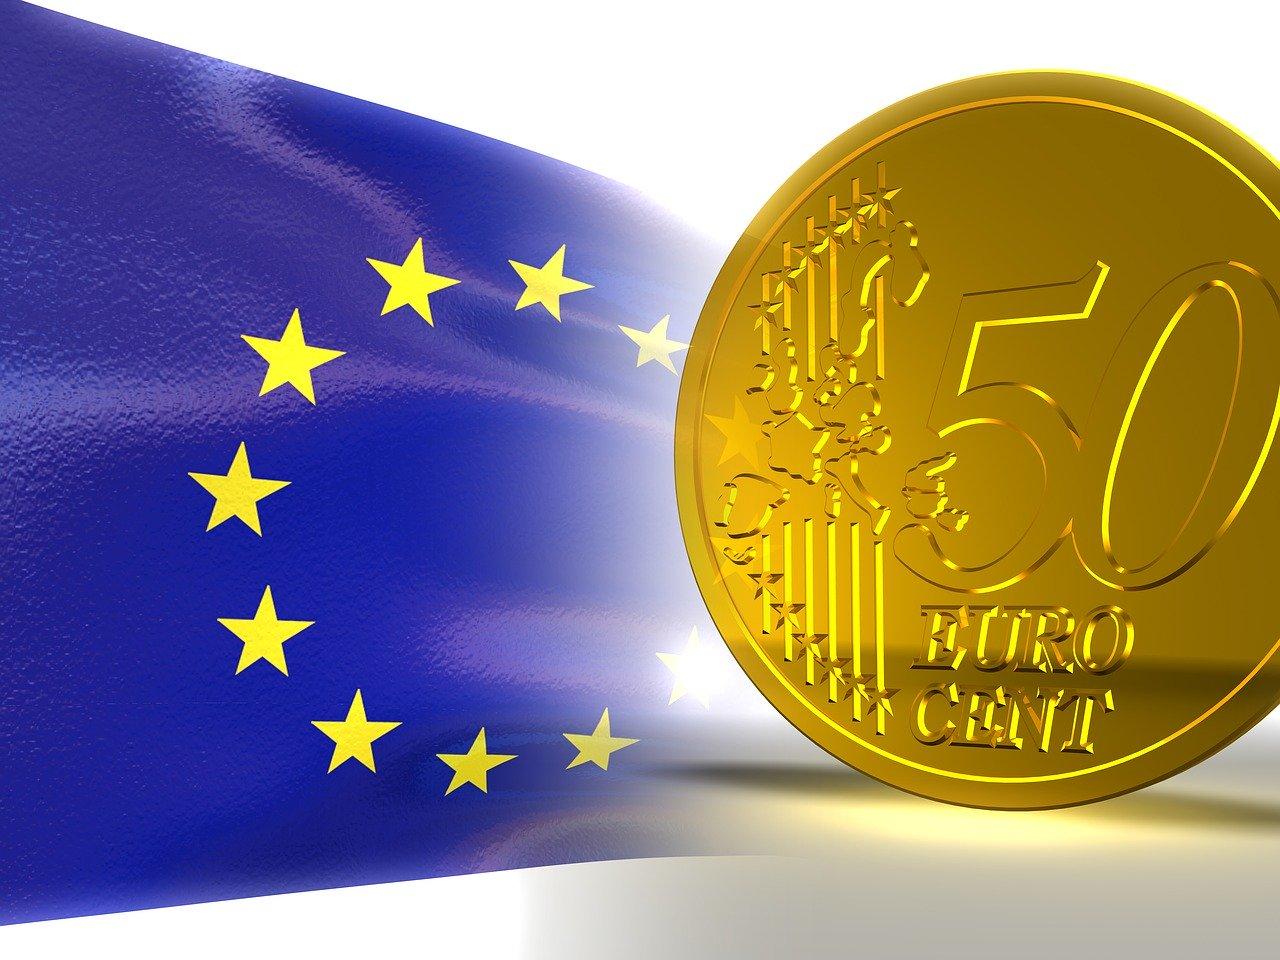 Có Nên Định Cư Ở Châu Âu? Nước Nào Định Cư Dễ Nhất Năm 2021